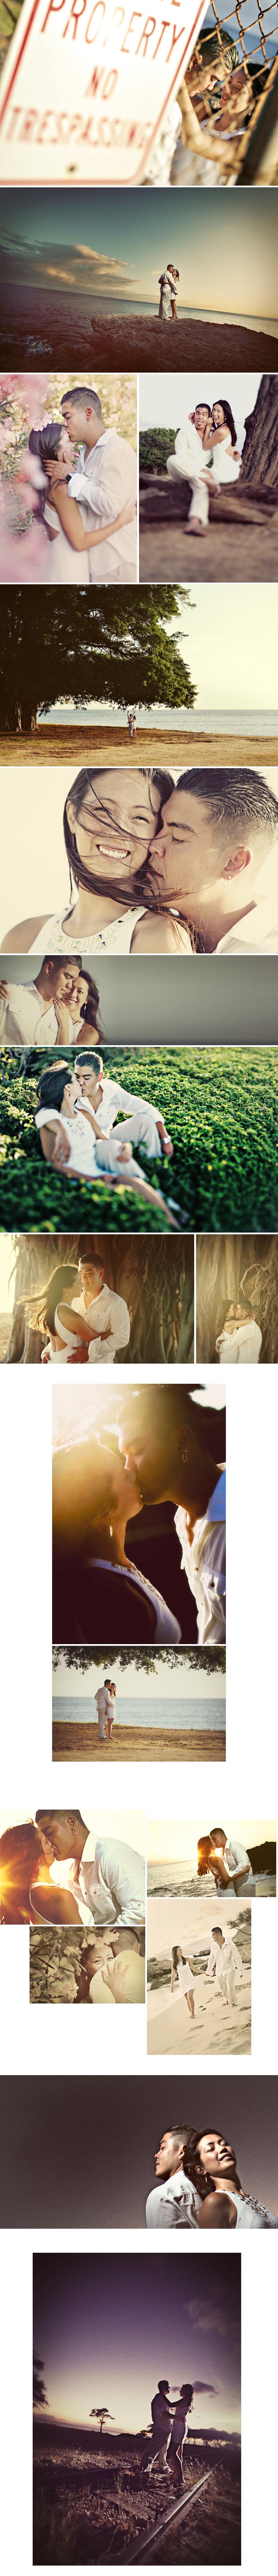 Shawn Starr : Modern Wedding Photography : Pittsburgh Wedding Photographer : Engagement Photos